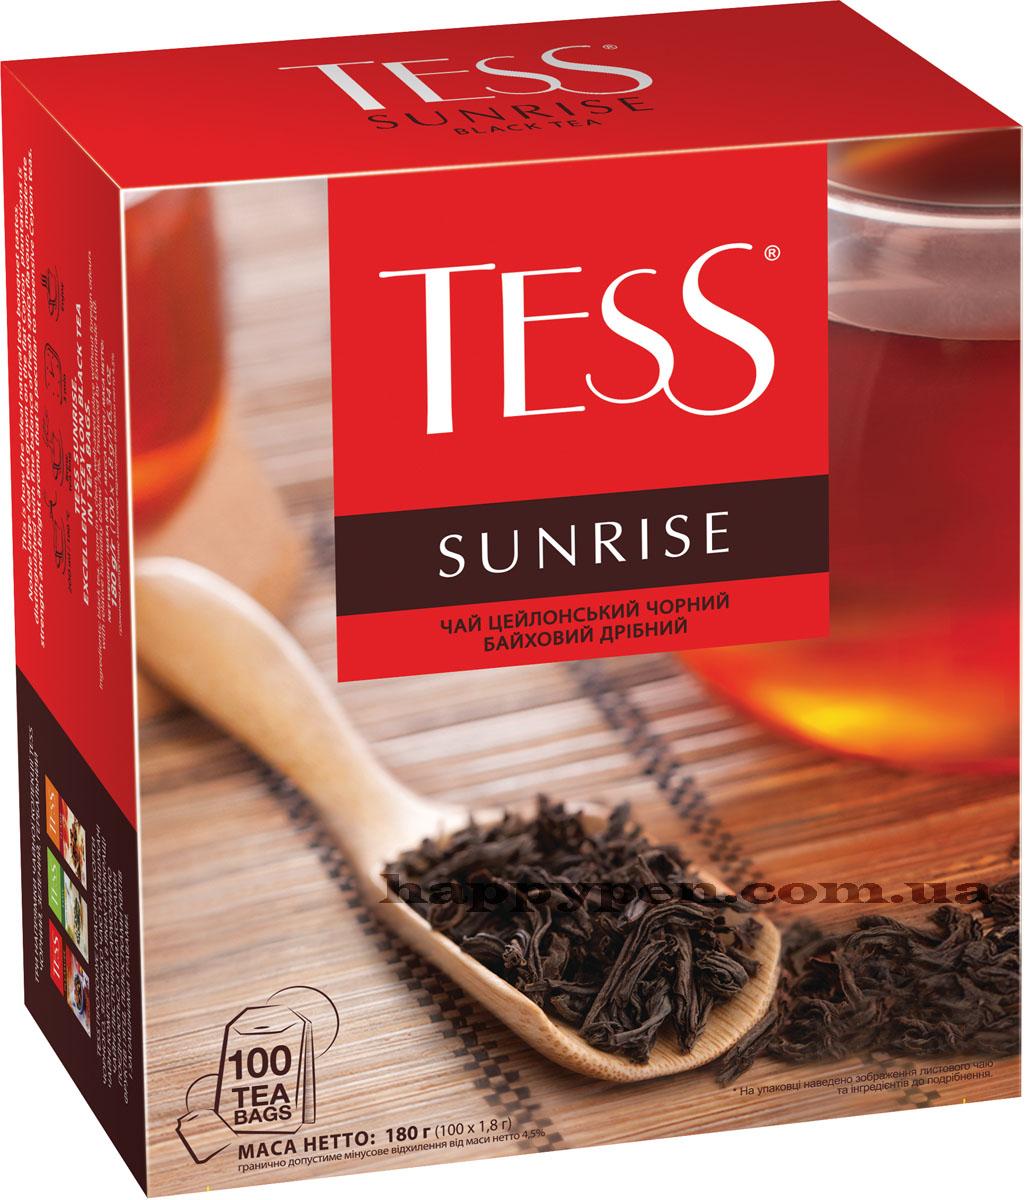 Чай черный классический Sunrise 100пак. по 1,8гр. Tess - фото 1